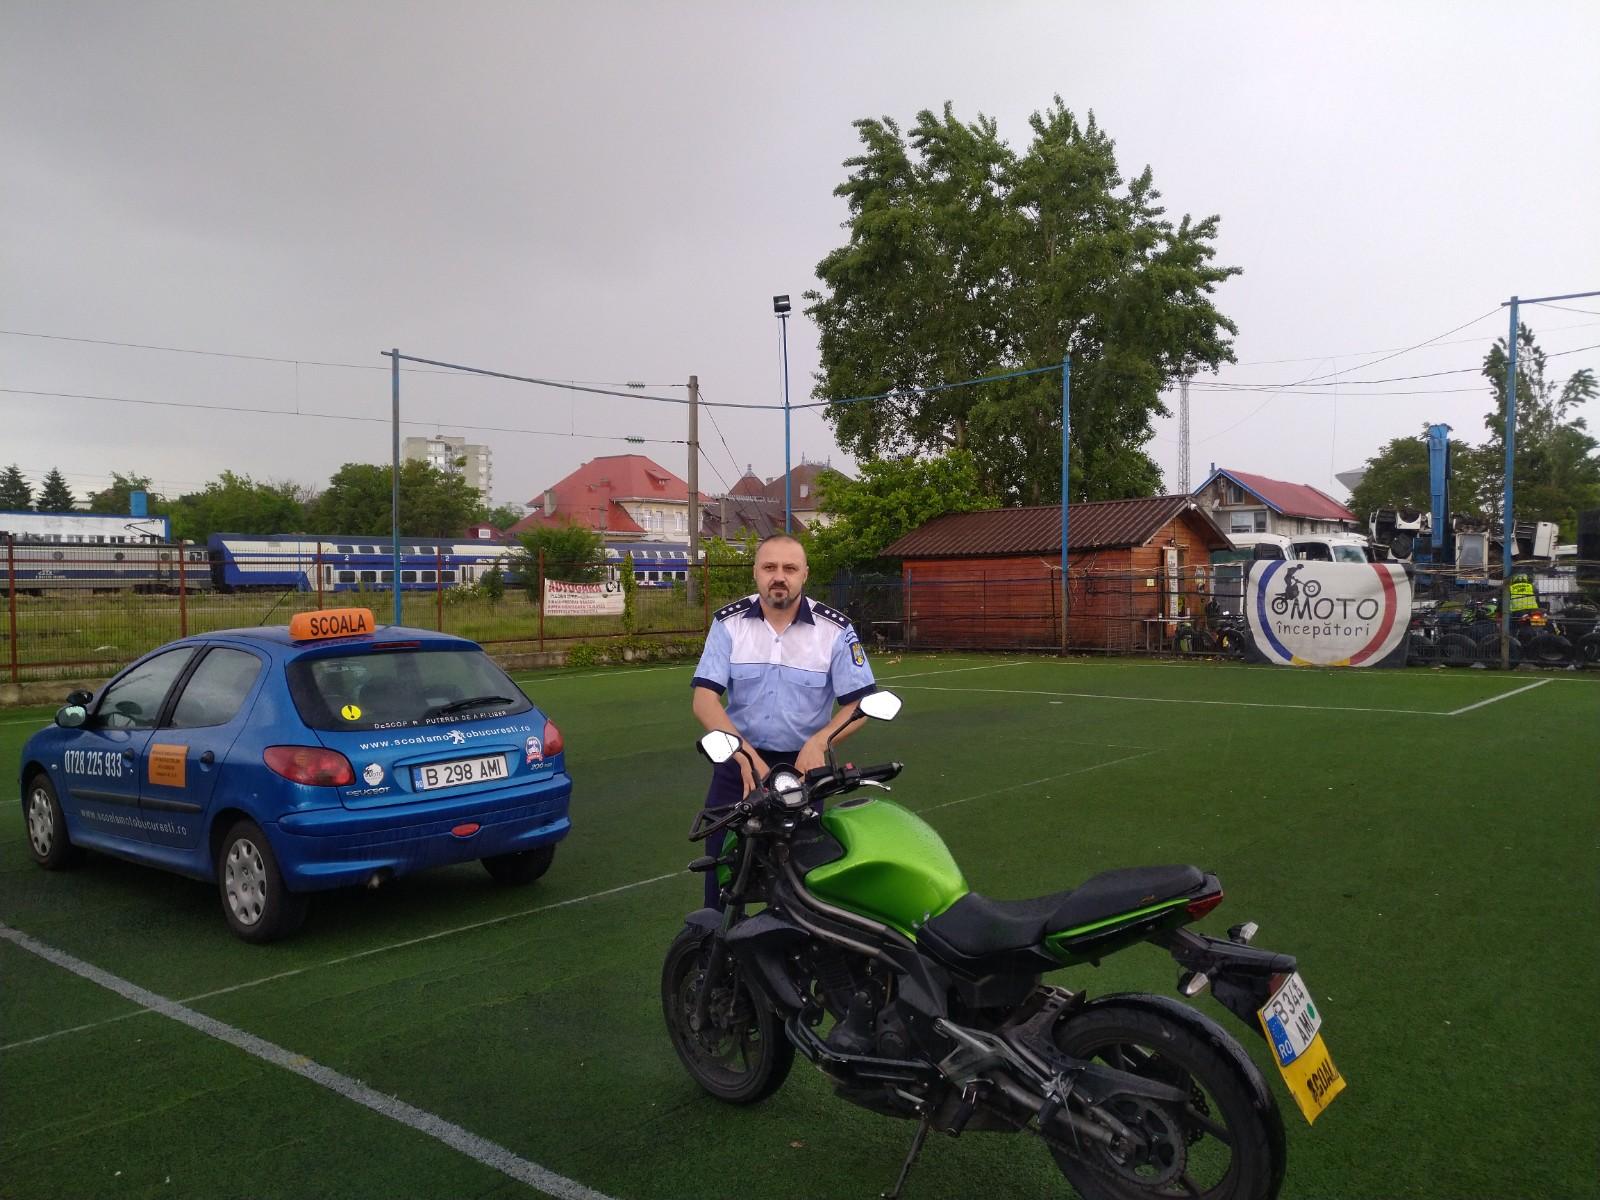 curs de conducere preventiva moto - scoala moto - moto incepatori